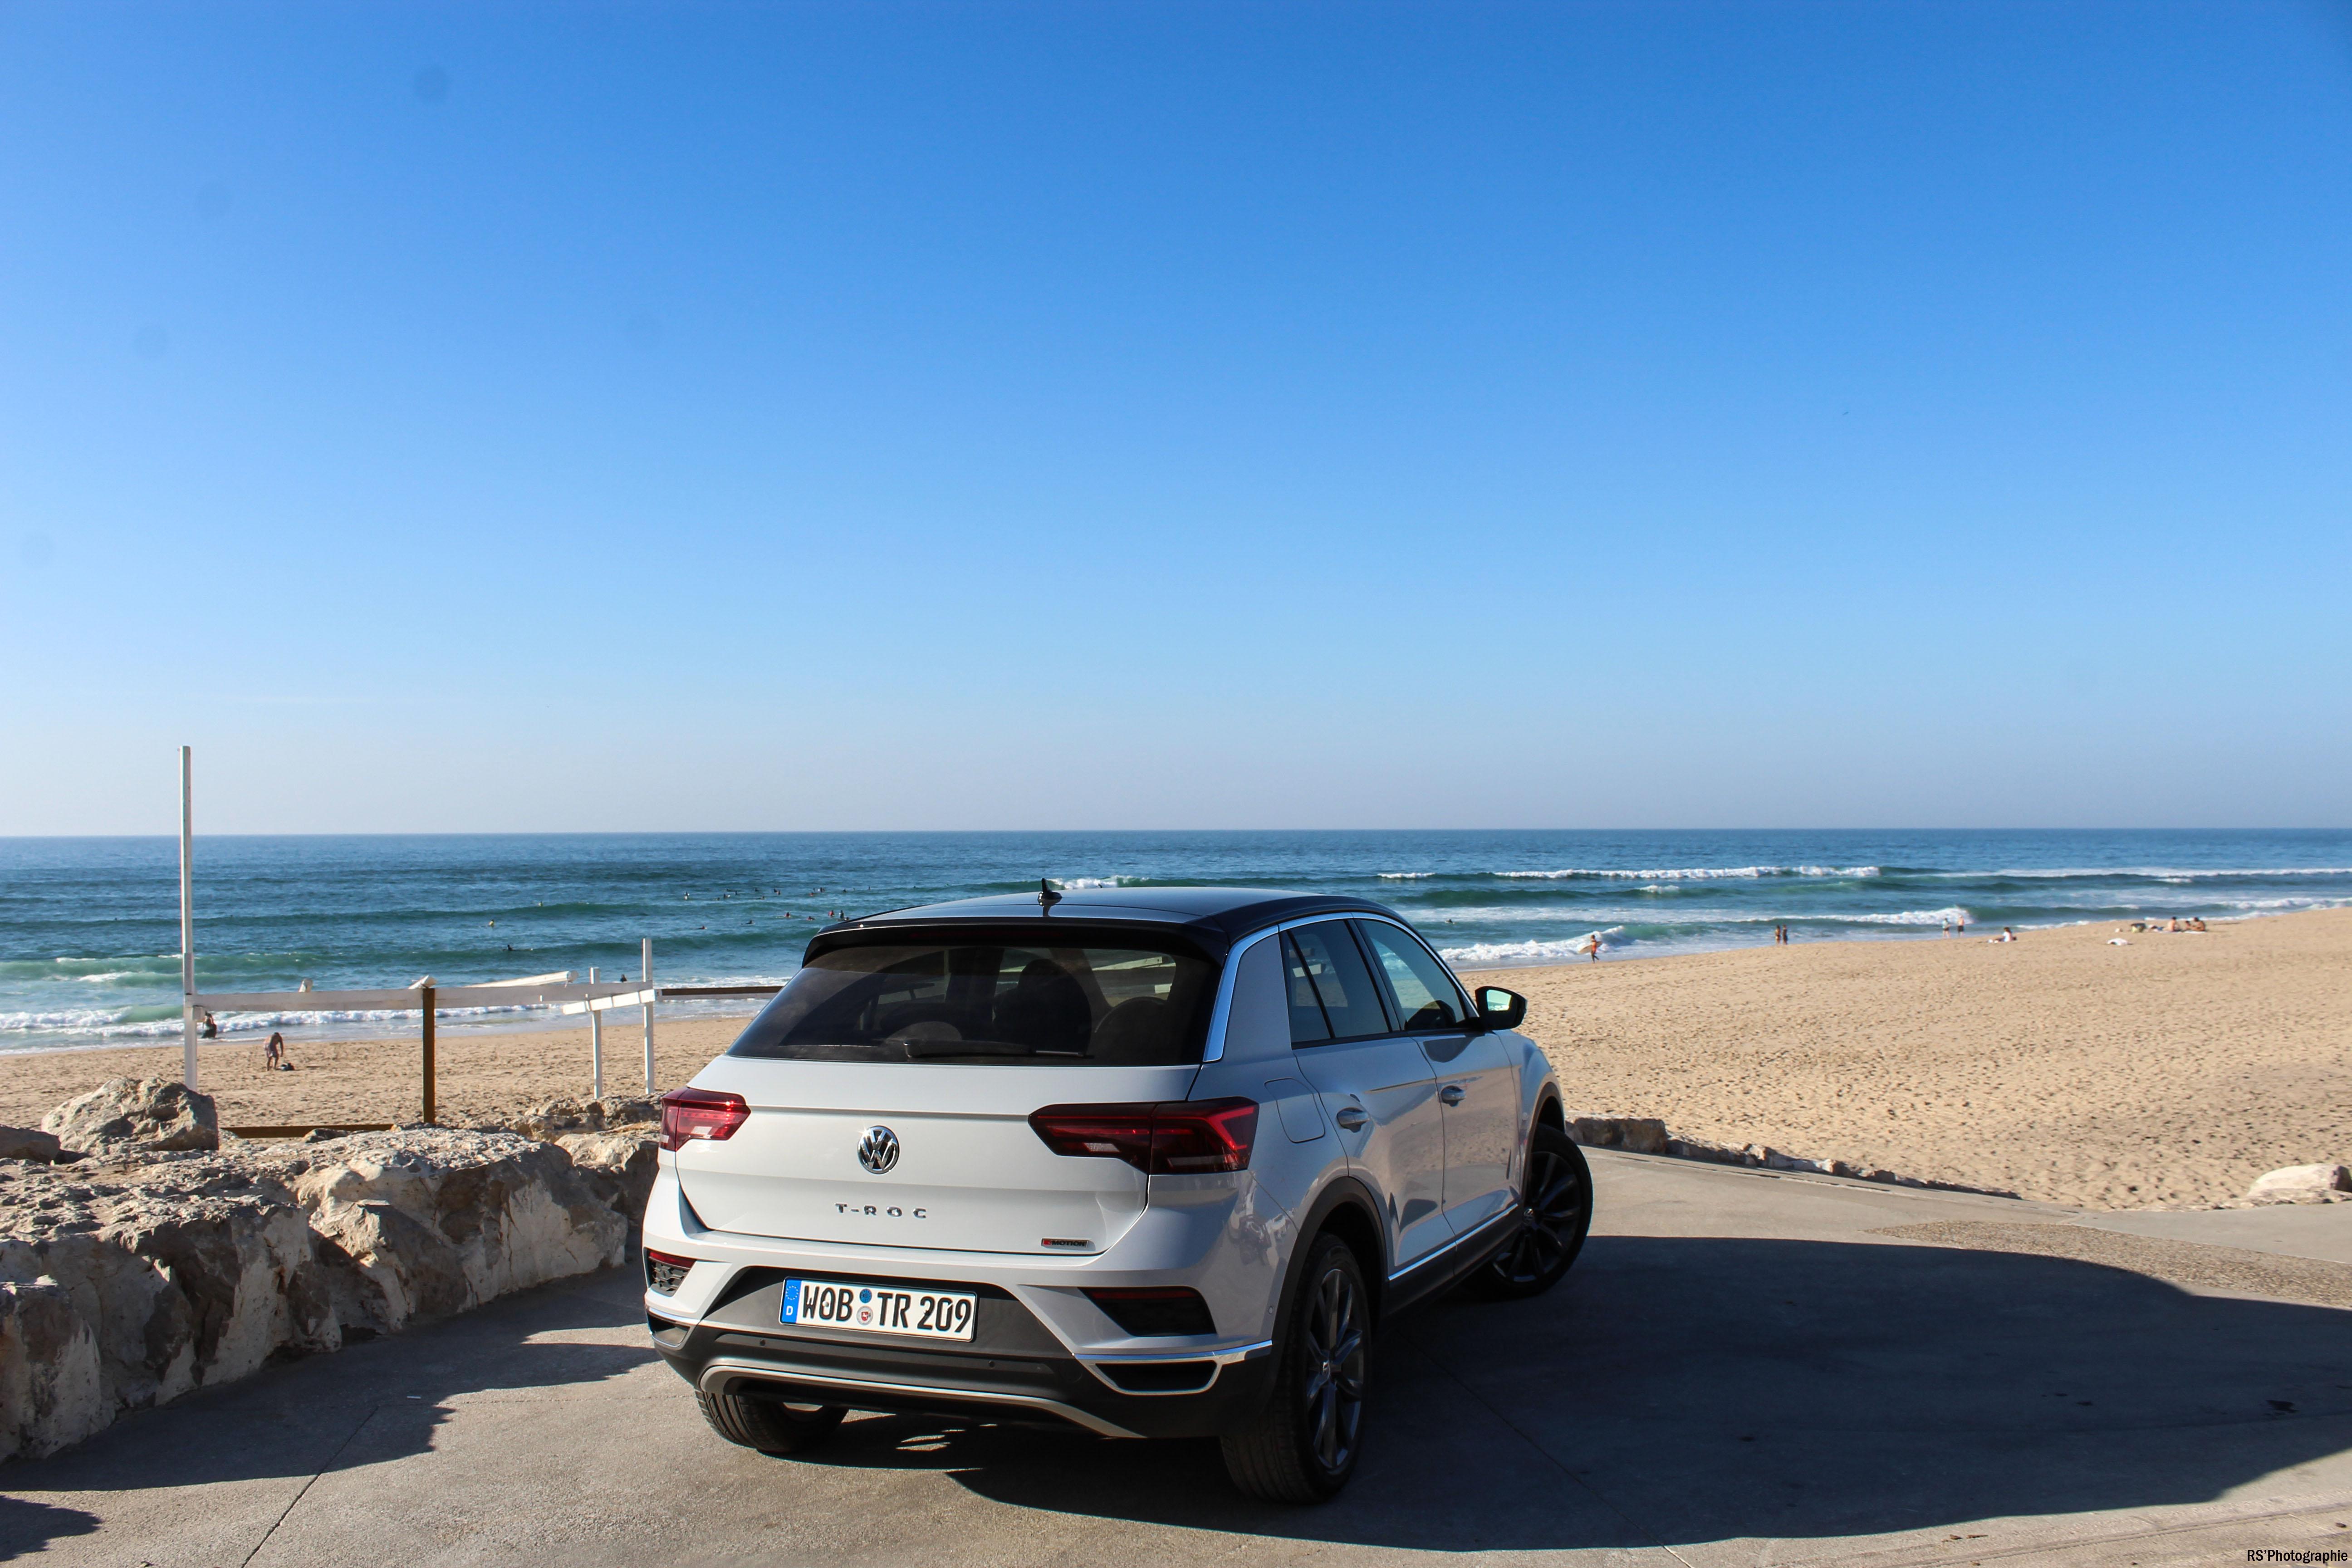 Volkswagentroc15-vw-t-roc-arriere-rear-Arnaud Demasier-RSPhotographie